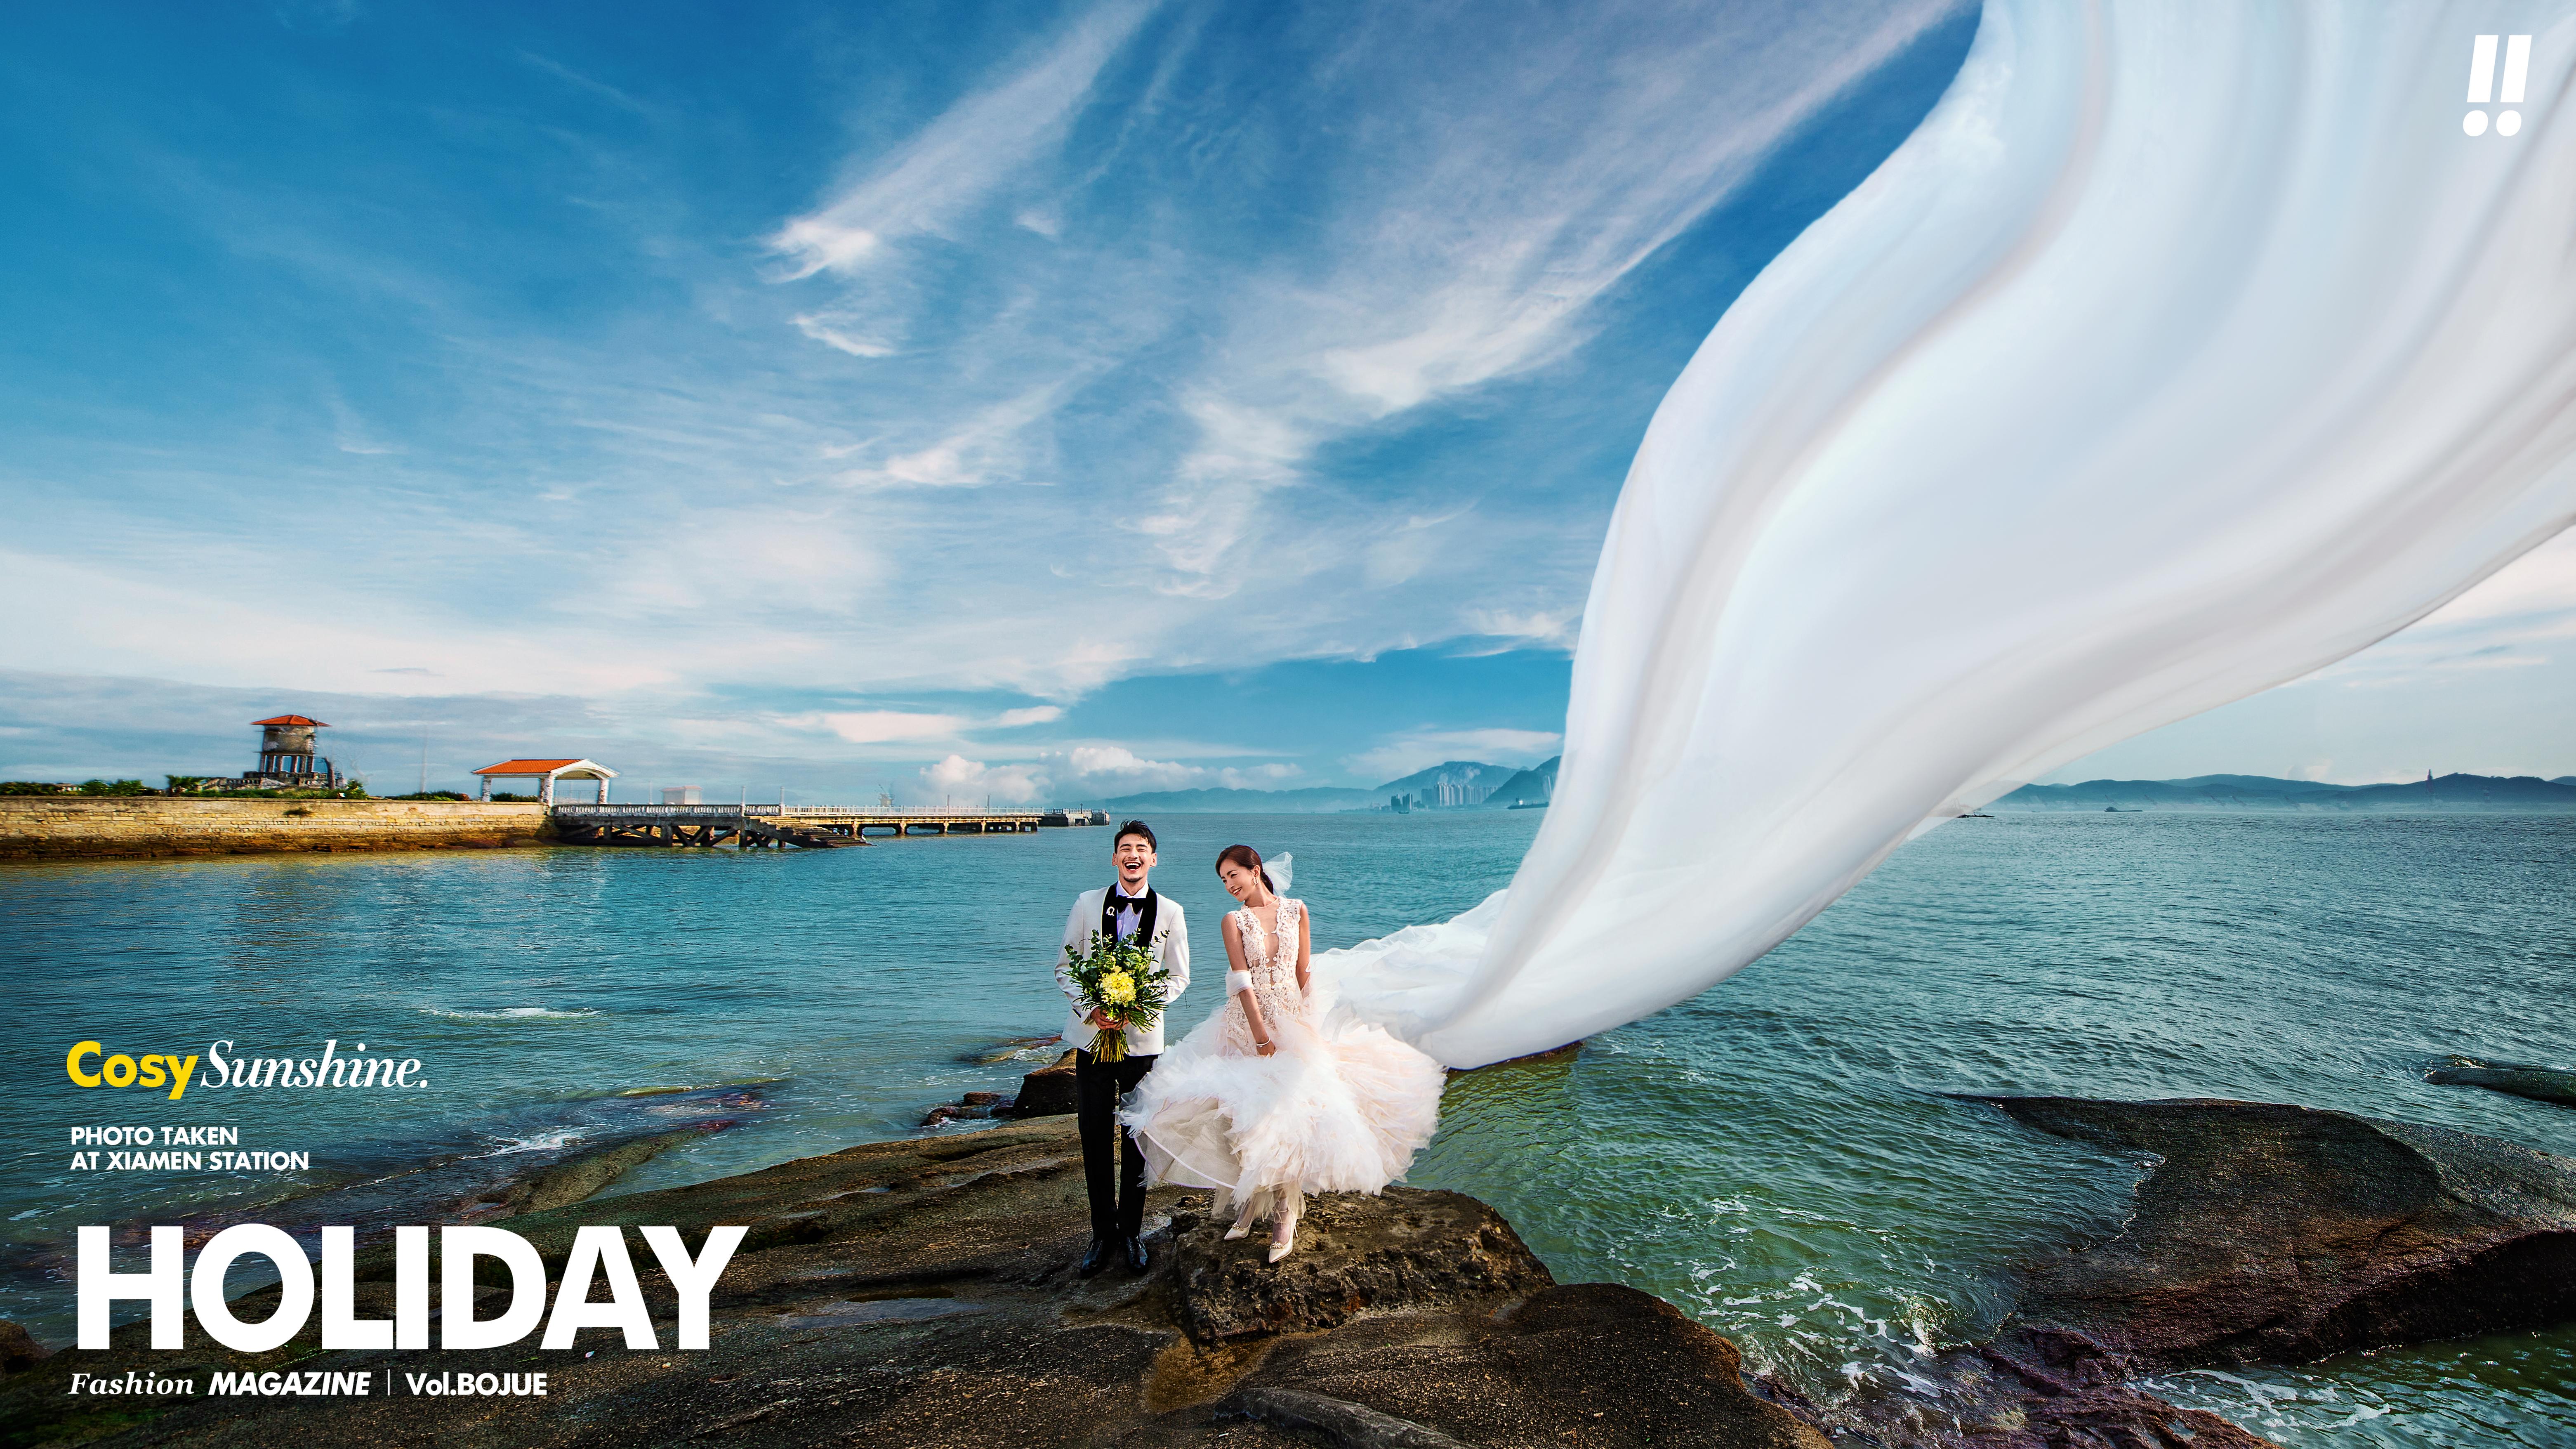 厦门华新路拍婚纱照多少钱?拍婚纱照怎么选择工作室?